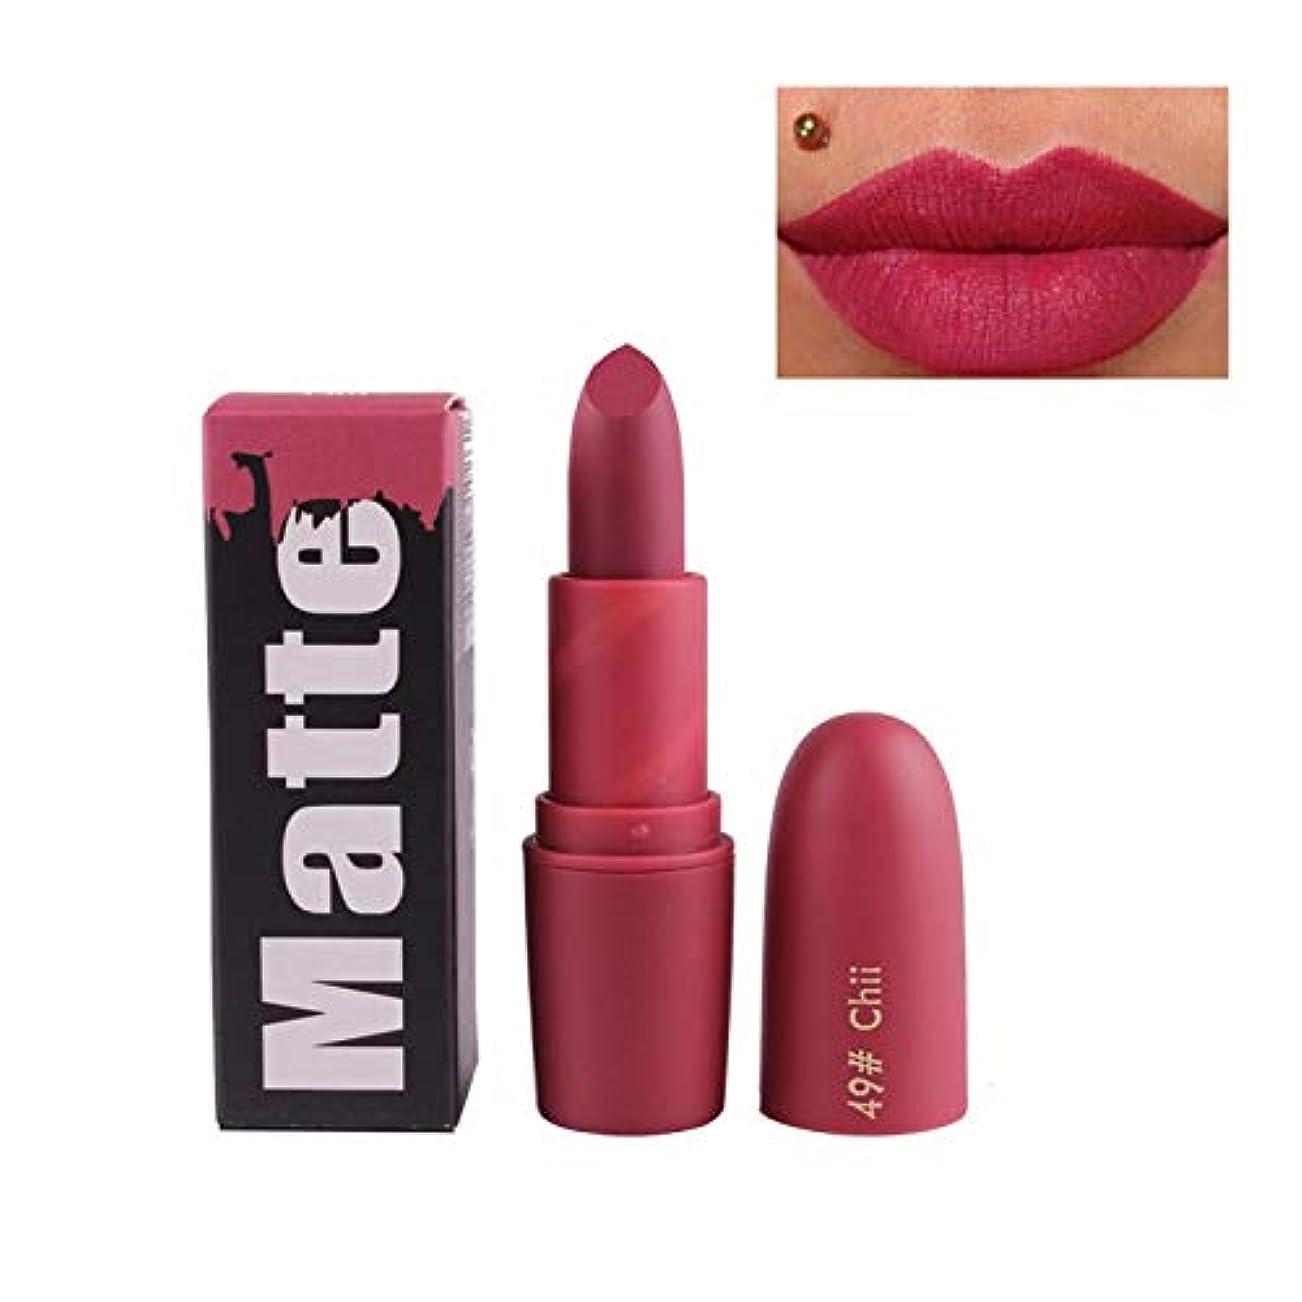 支出アーティキュレーション変換するSidiate - ミス・ローズヌード口紅マットメイクラスティング女性セクシーなブランドの唇の色の化粧品防水ロングのための新しい口紅